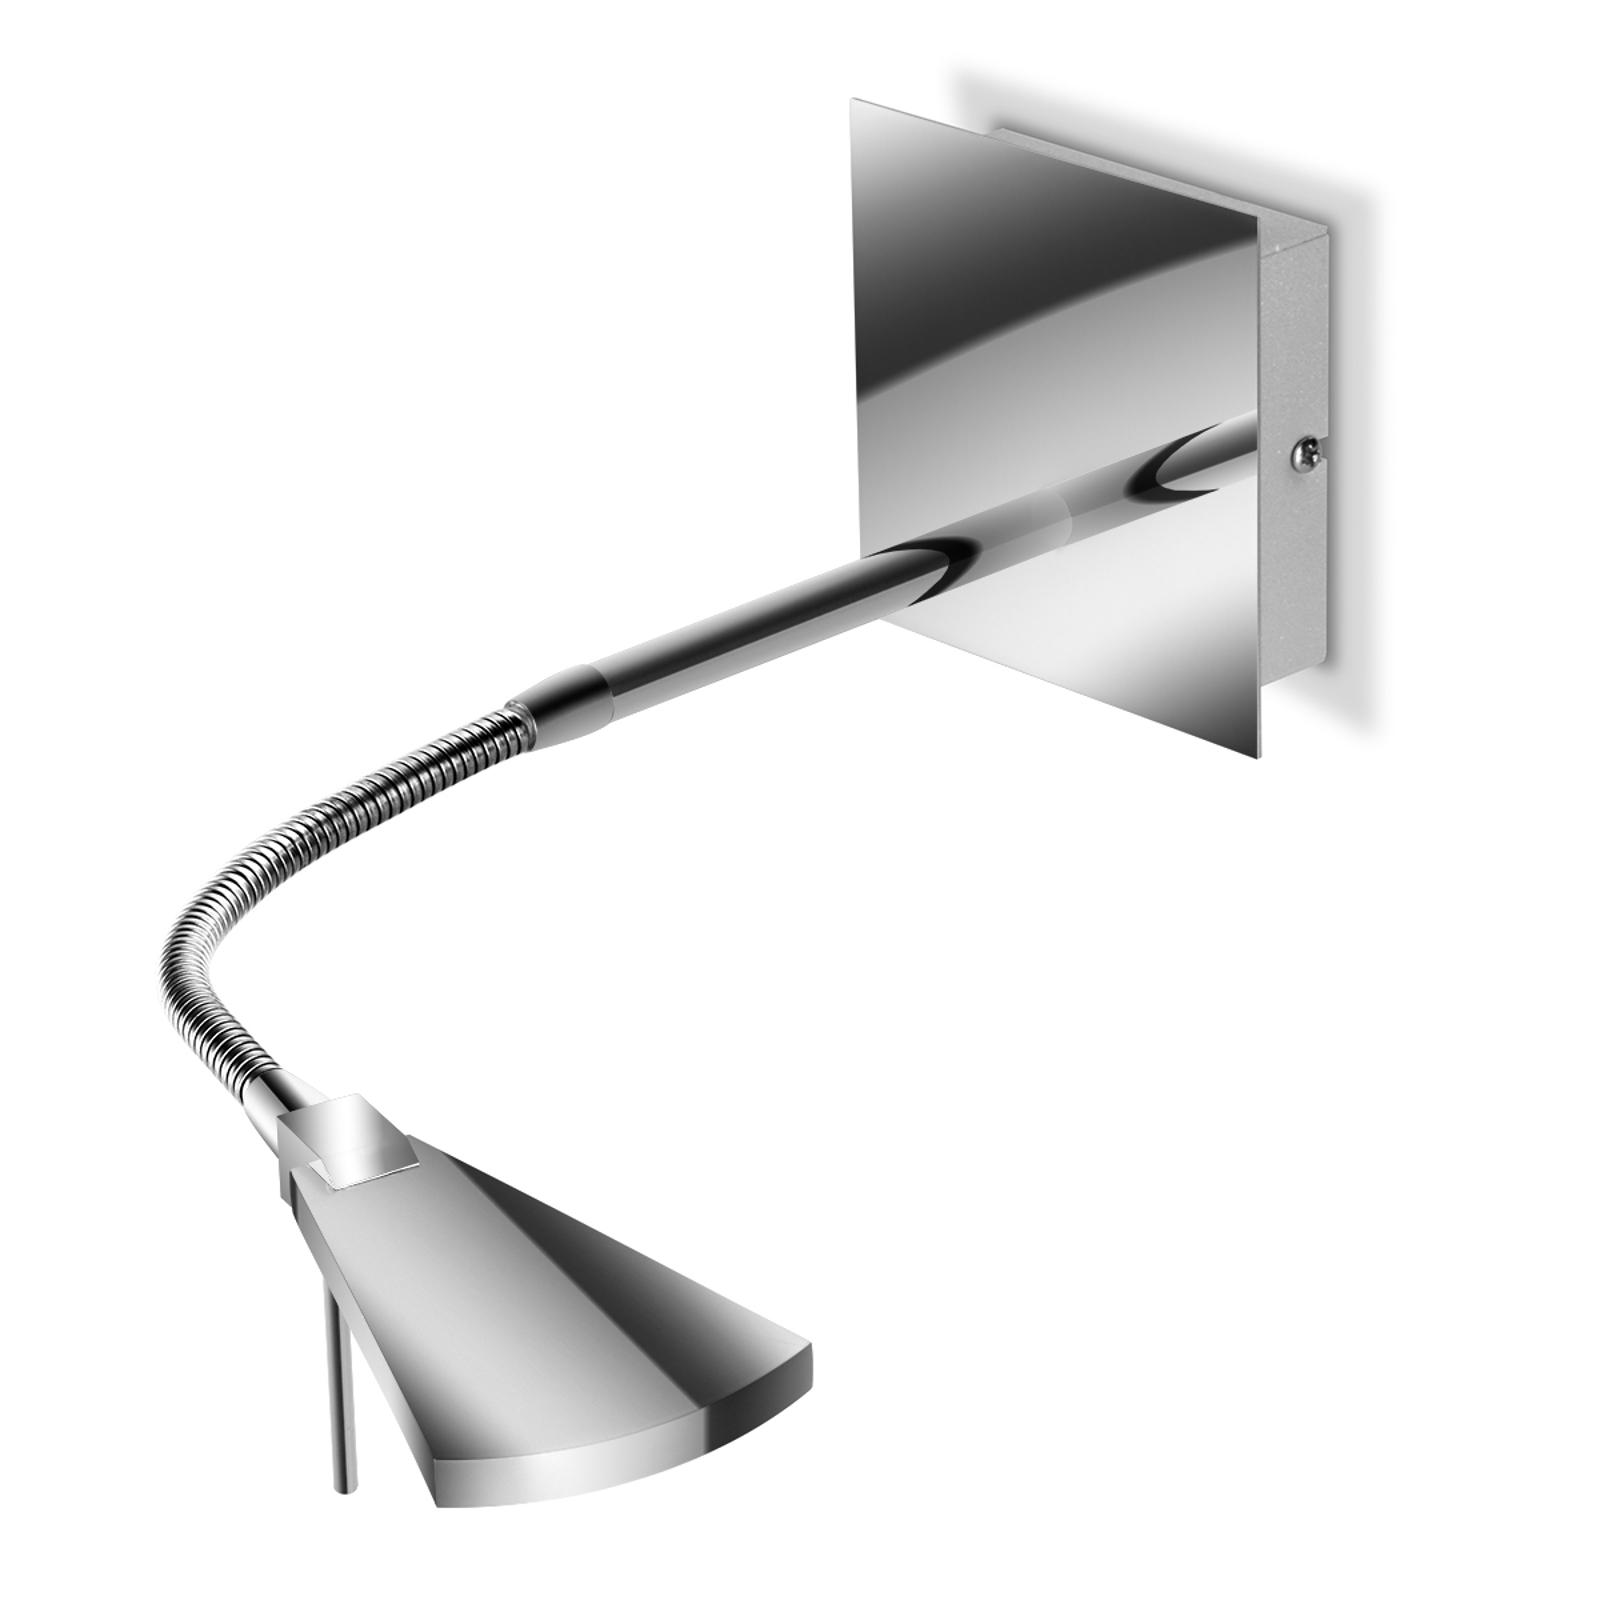 Flexibel LED-vägglampa Nec, krom